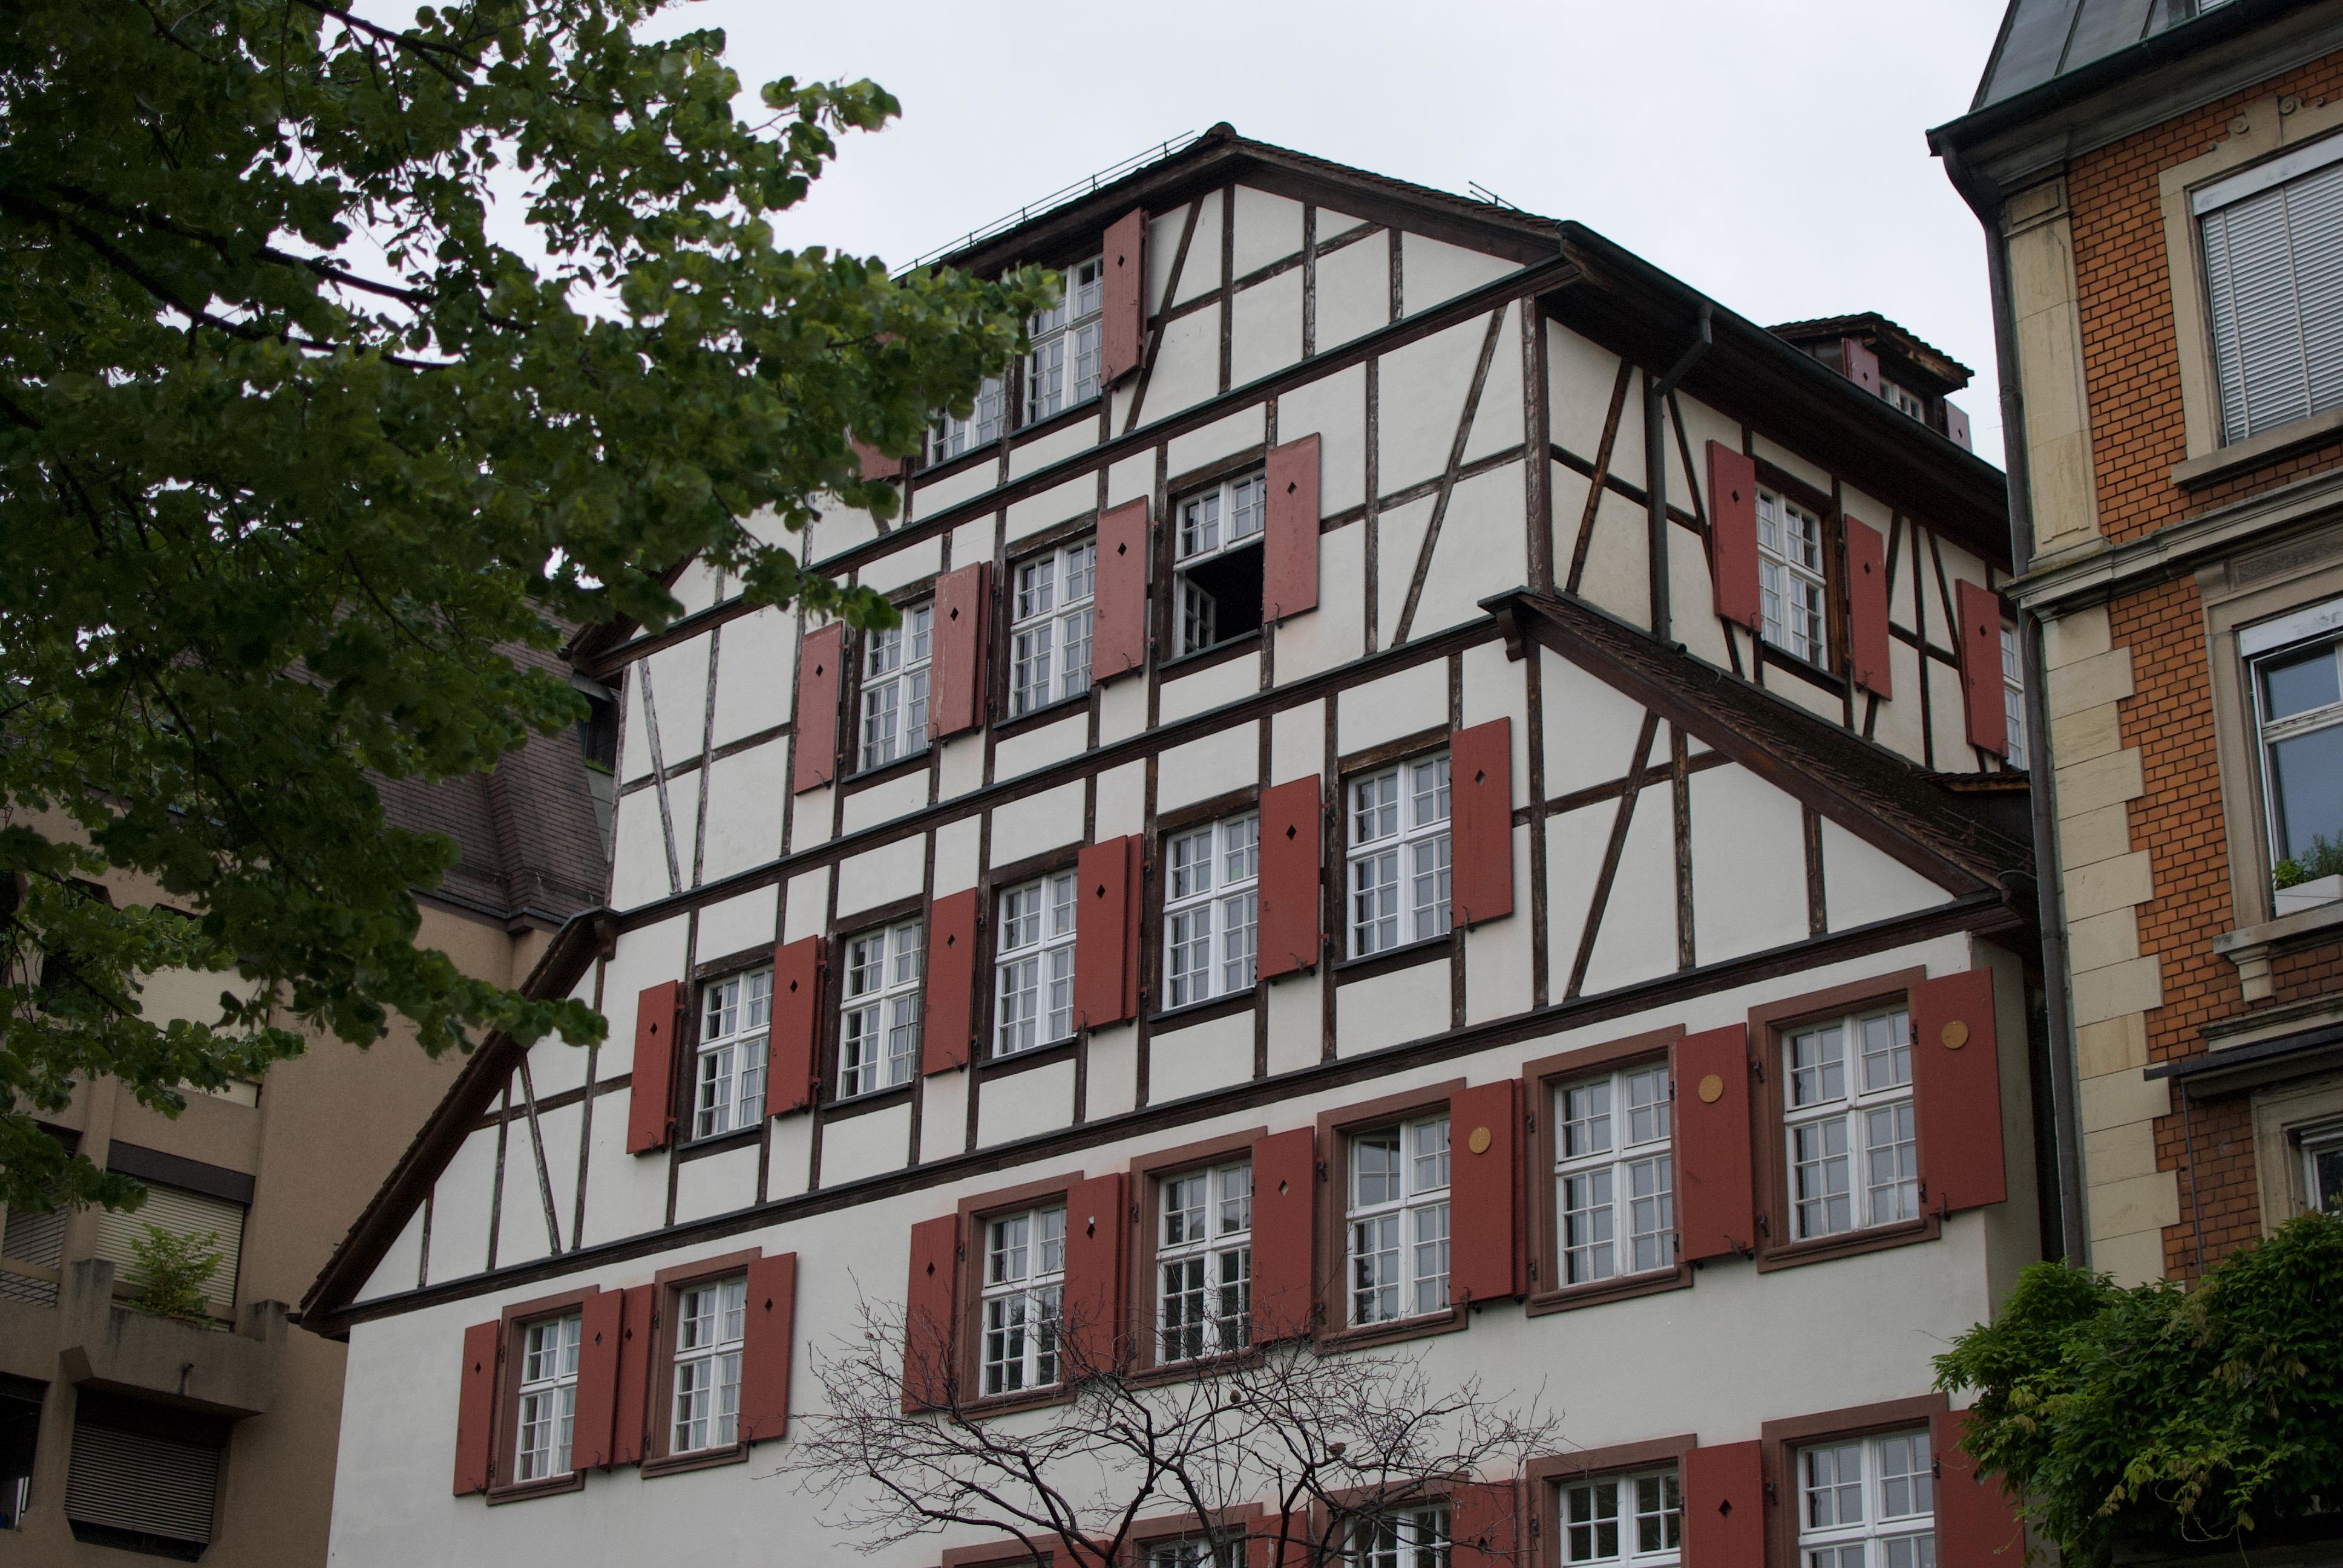 Maison typique de la suisse.jpeg